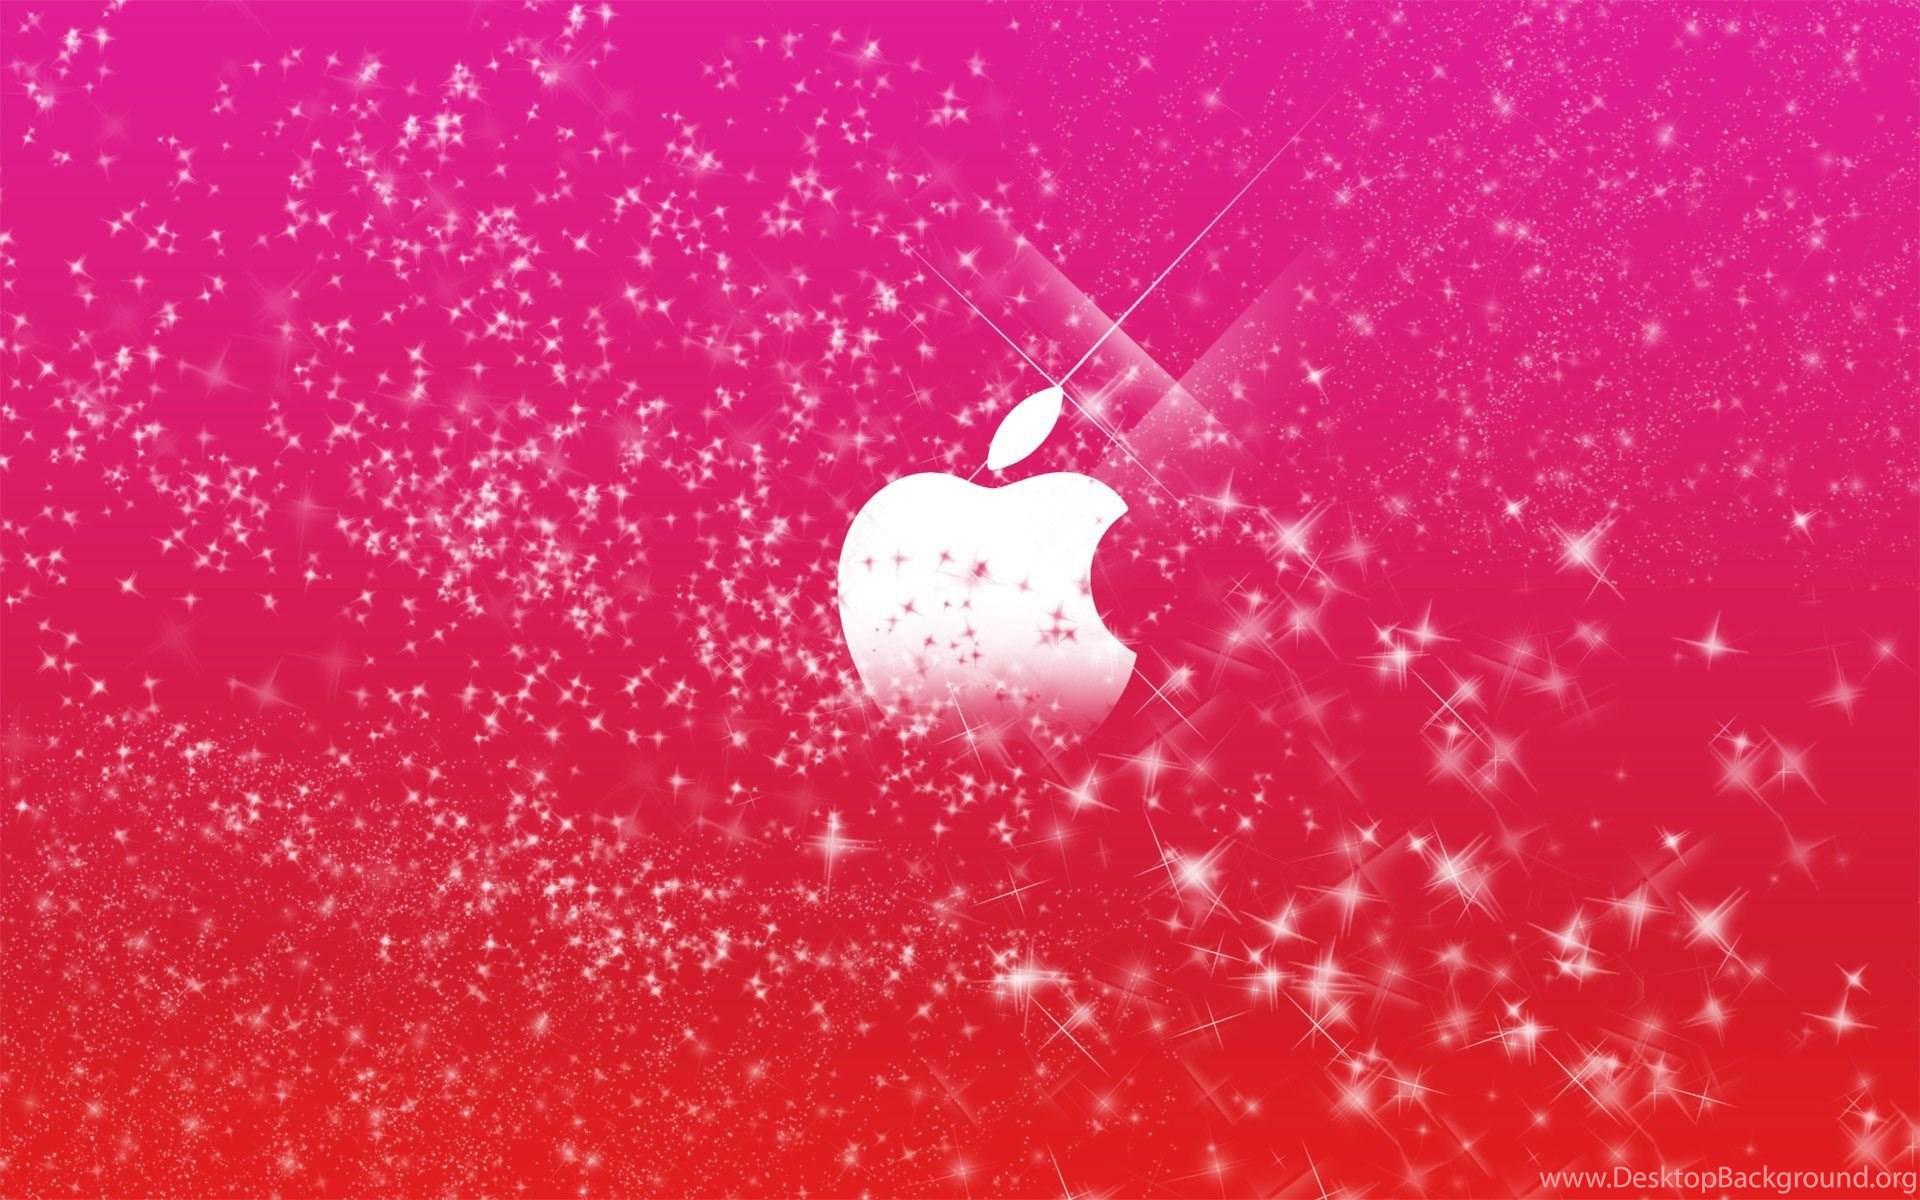 Girly Backgrounds Desktop Desktop Background